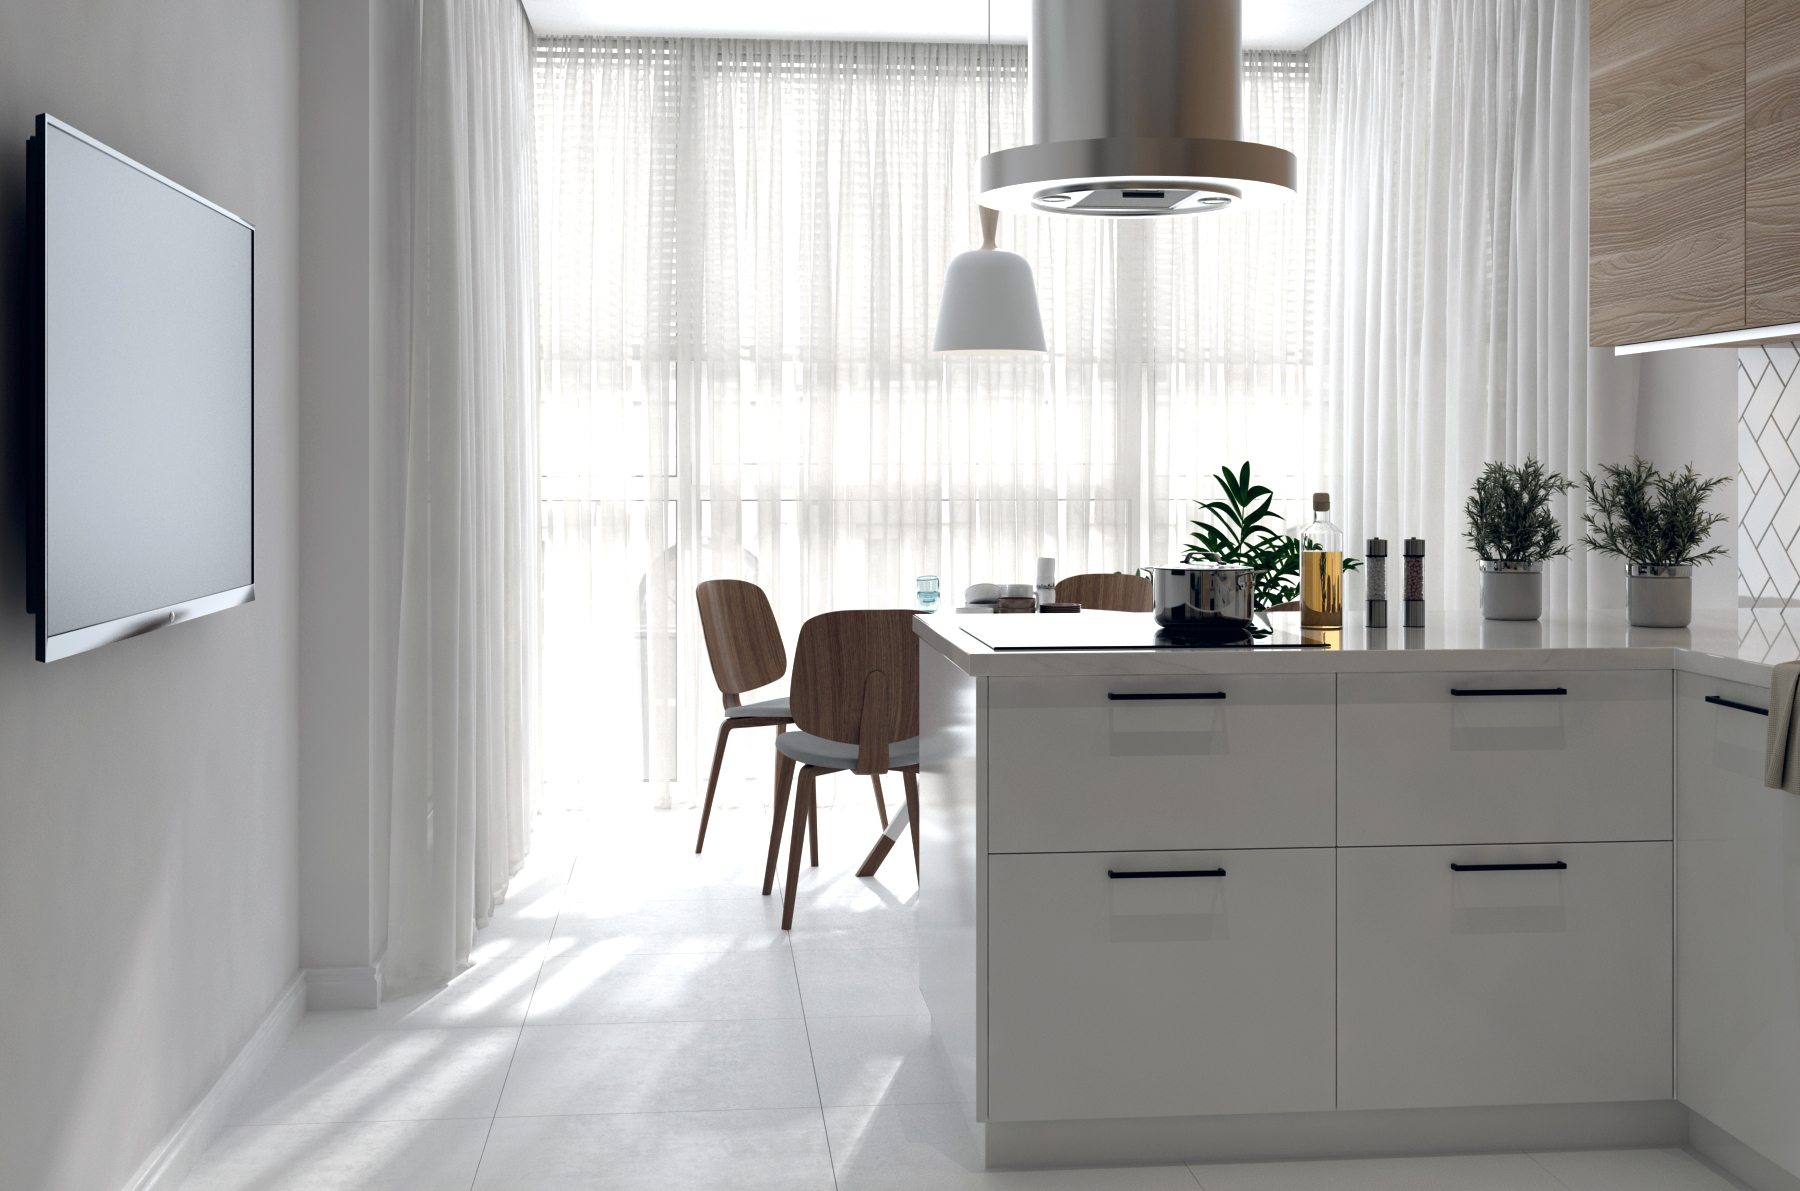 Картинка белой кухни в скандинавском стиле